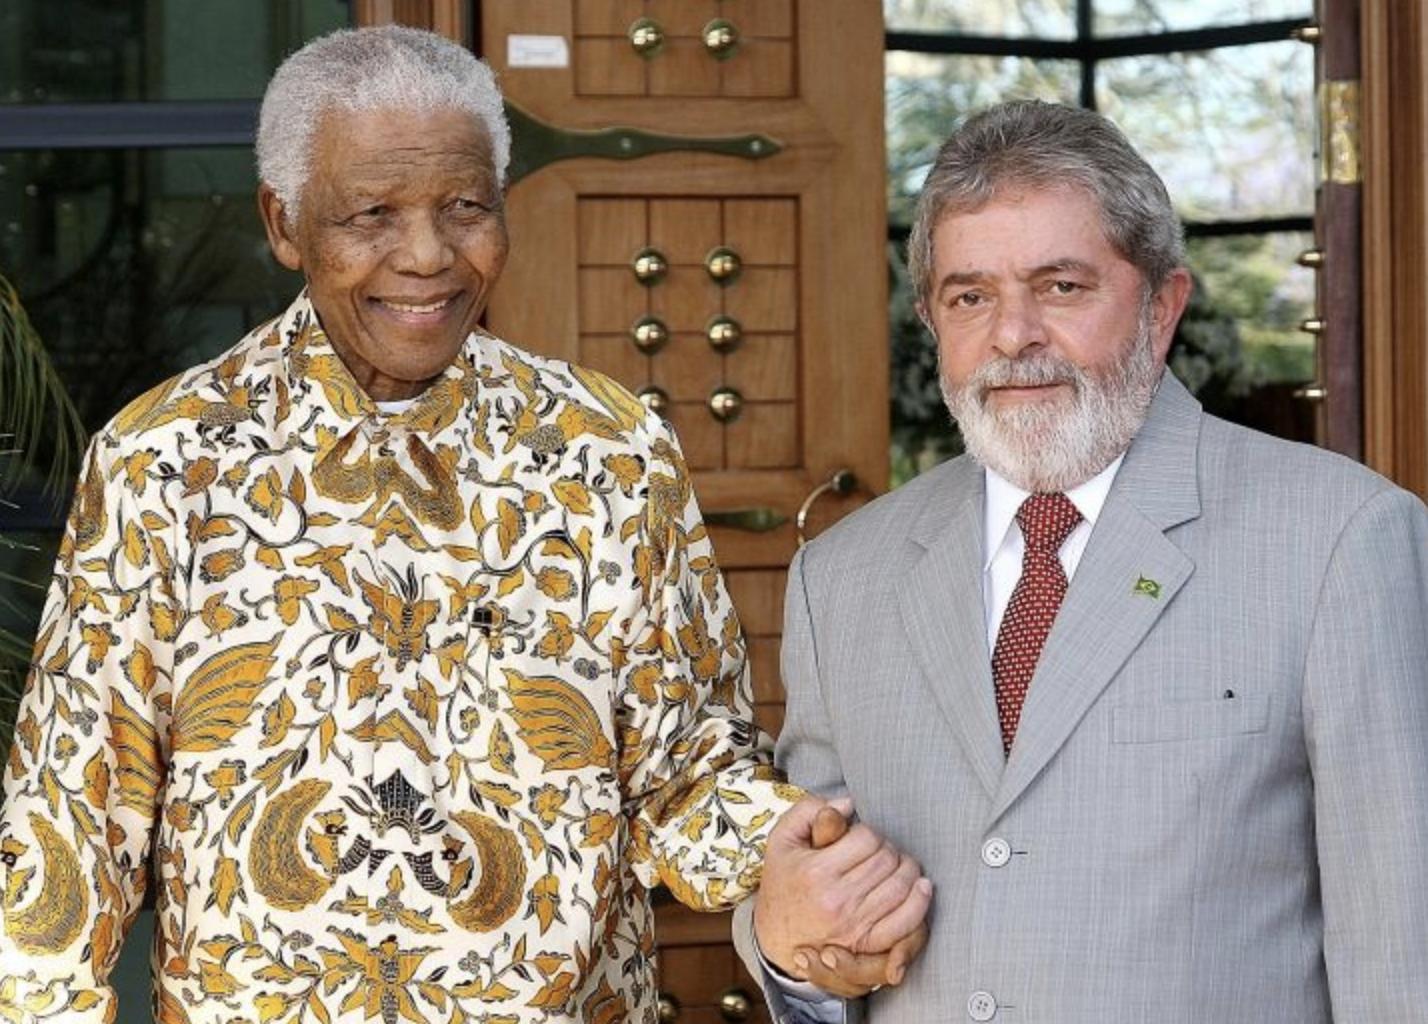 Ao dar prêmio a Lula, Paris lembra que juiz que o condenou se tornou ministro de Bolsonaro